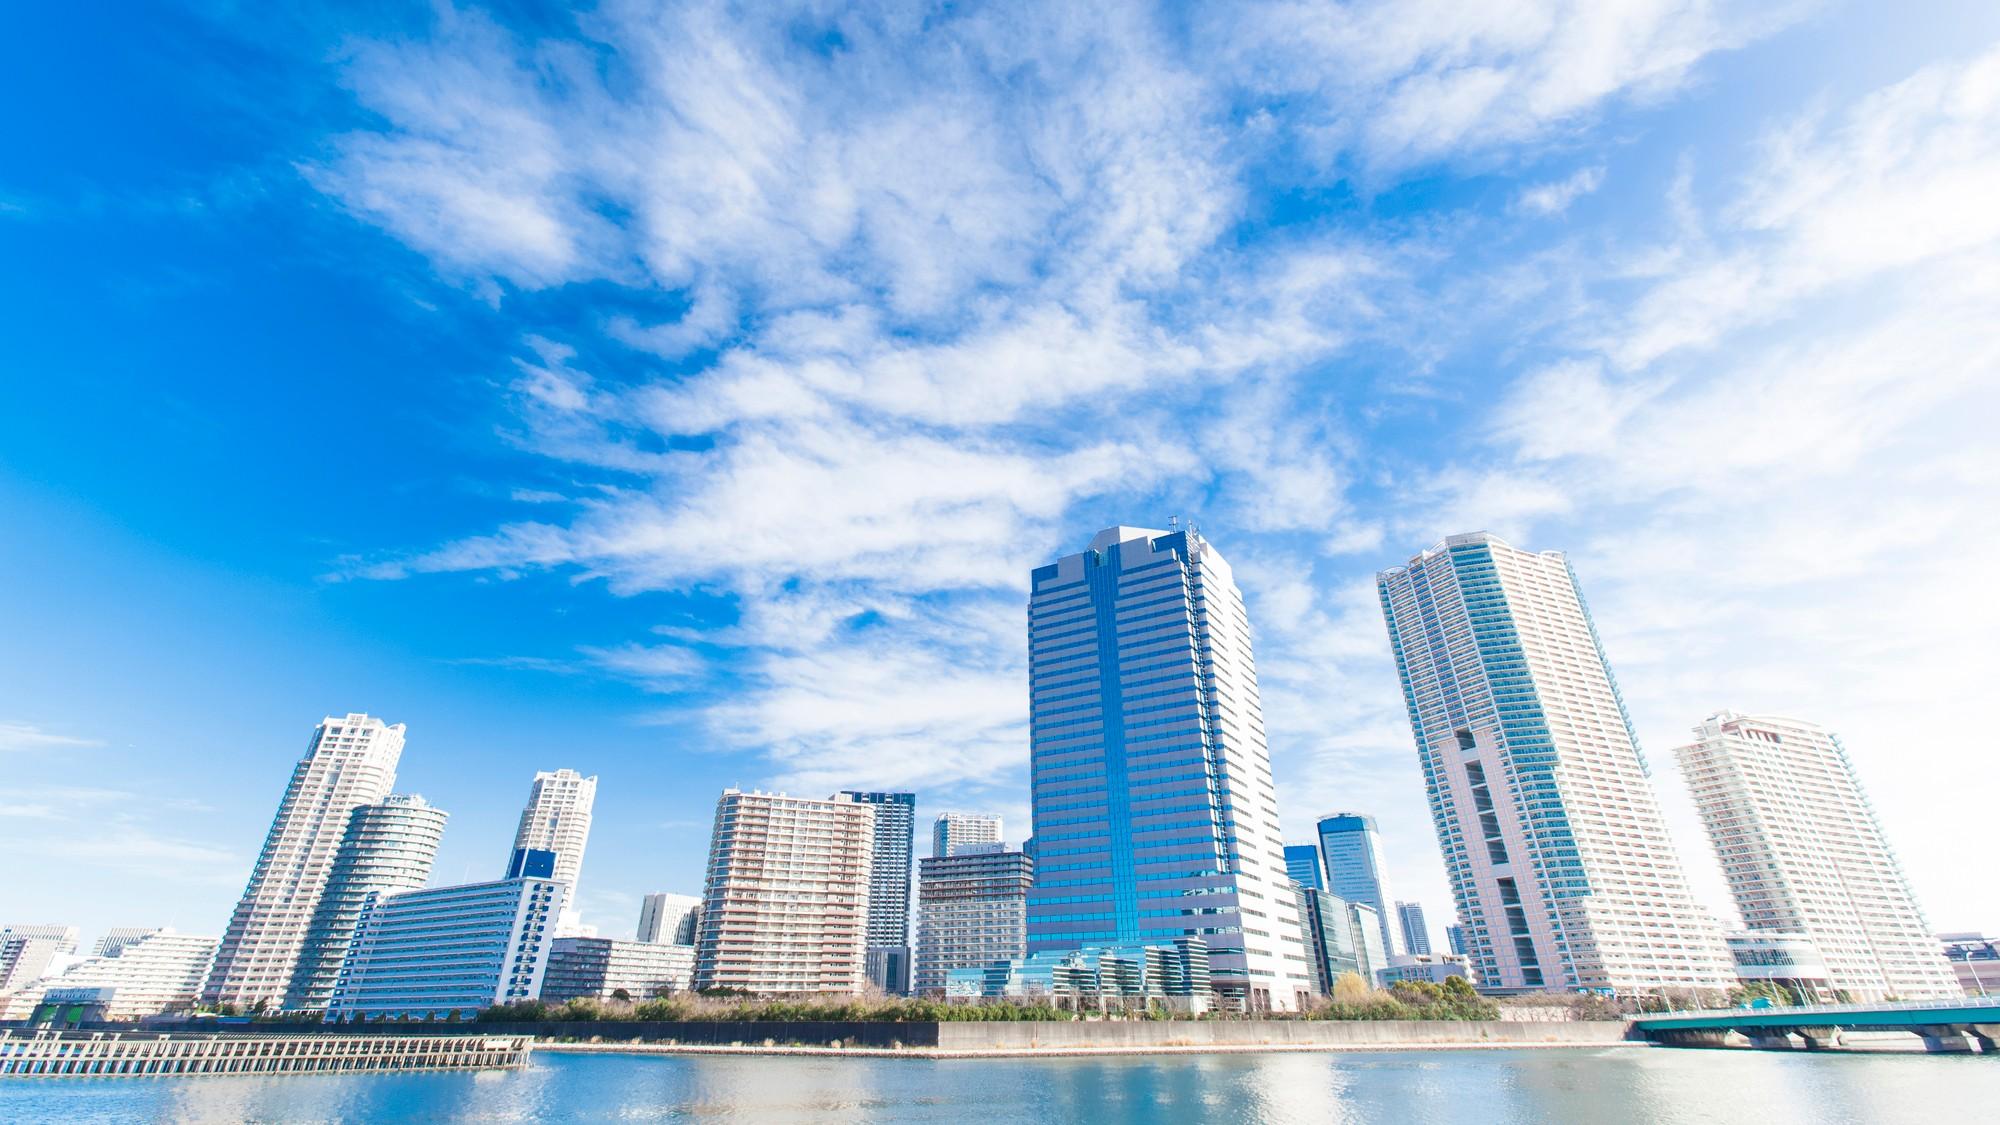 危険度マップで低リスクの「東京・臨海部」は本当に安全か?